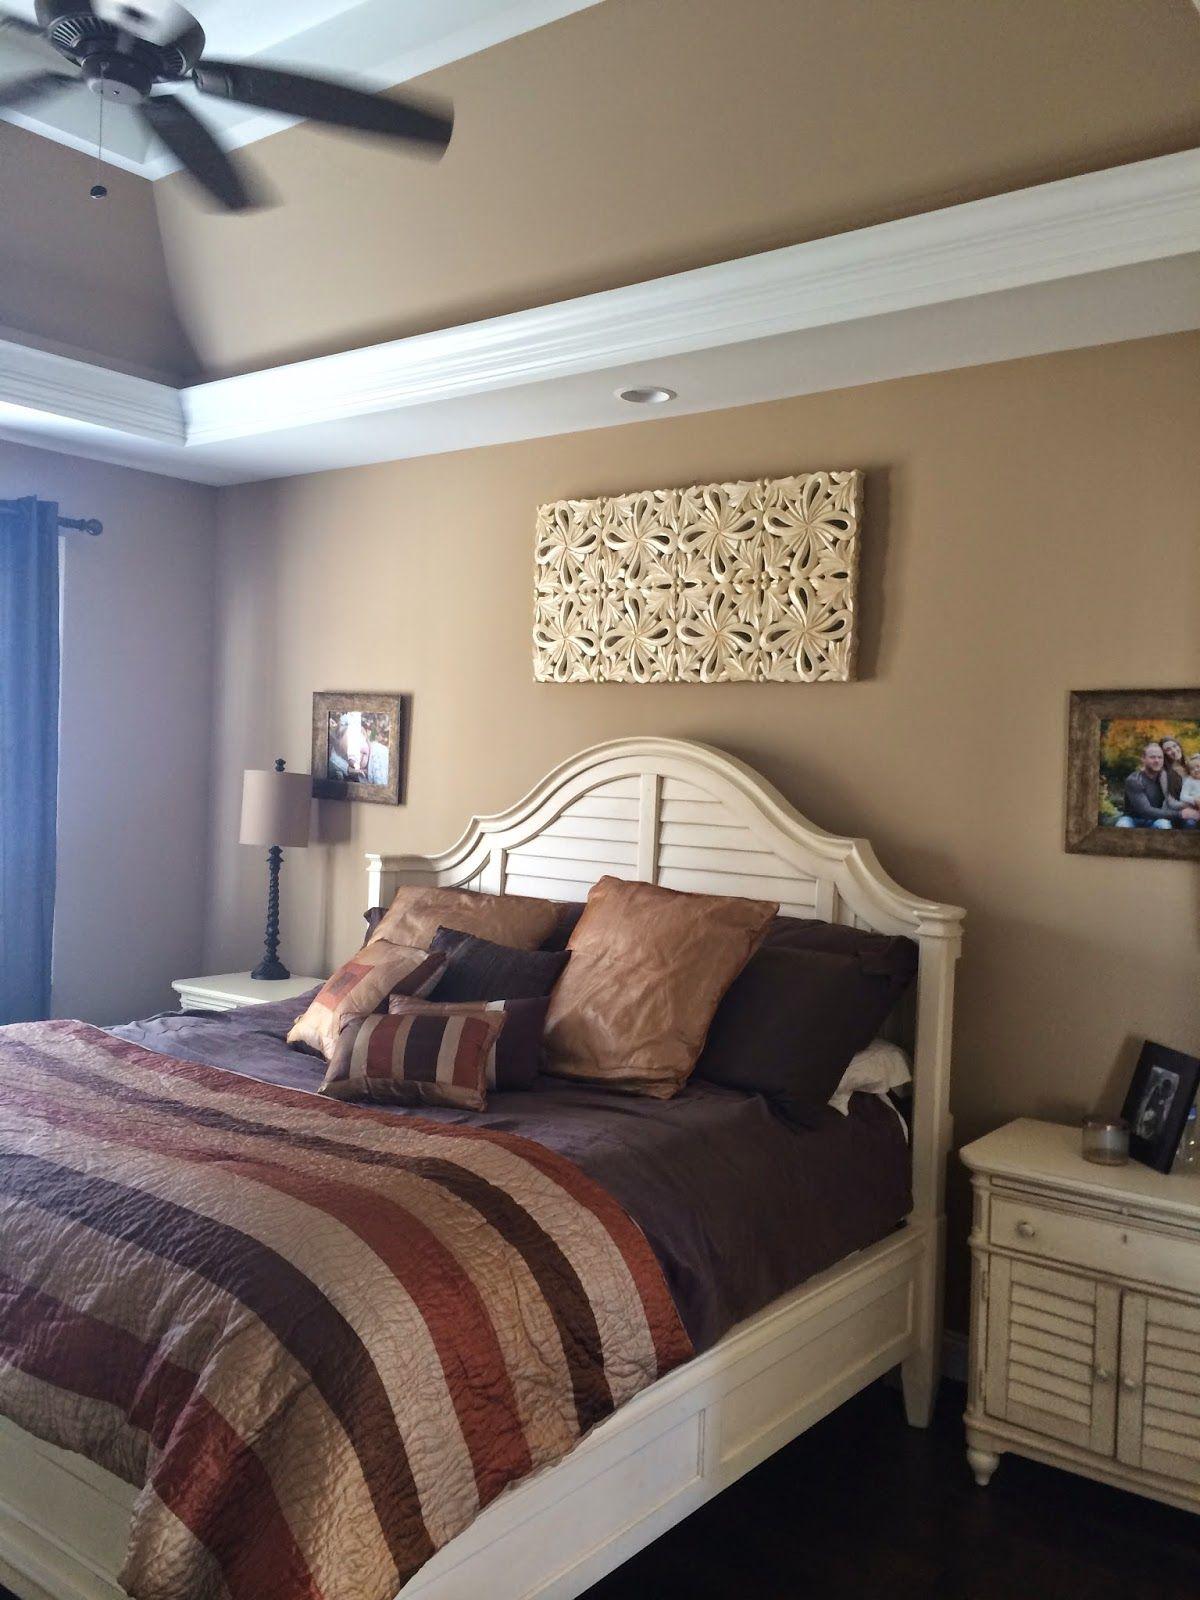 House Tour [Betz Raines Plan] White rug, House, Home decor